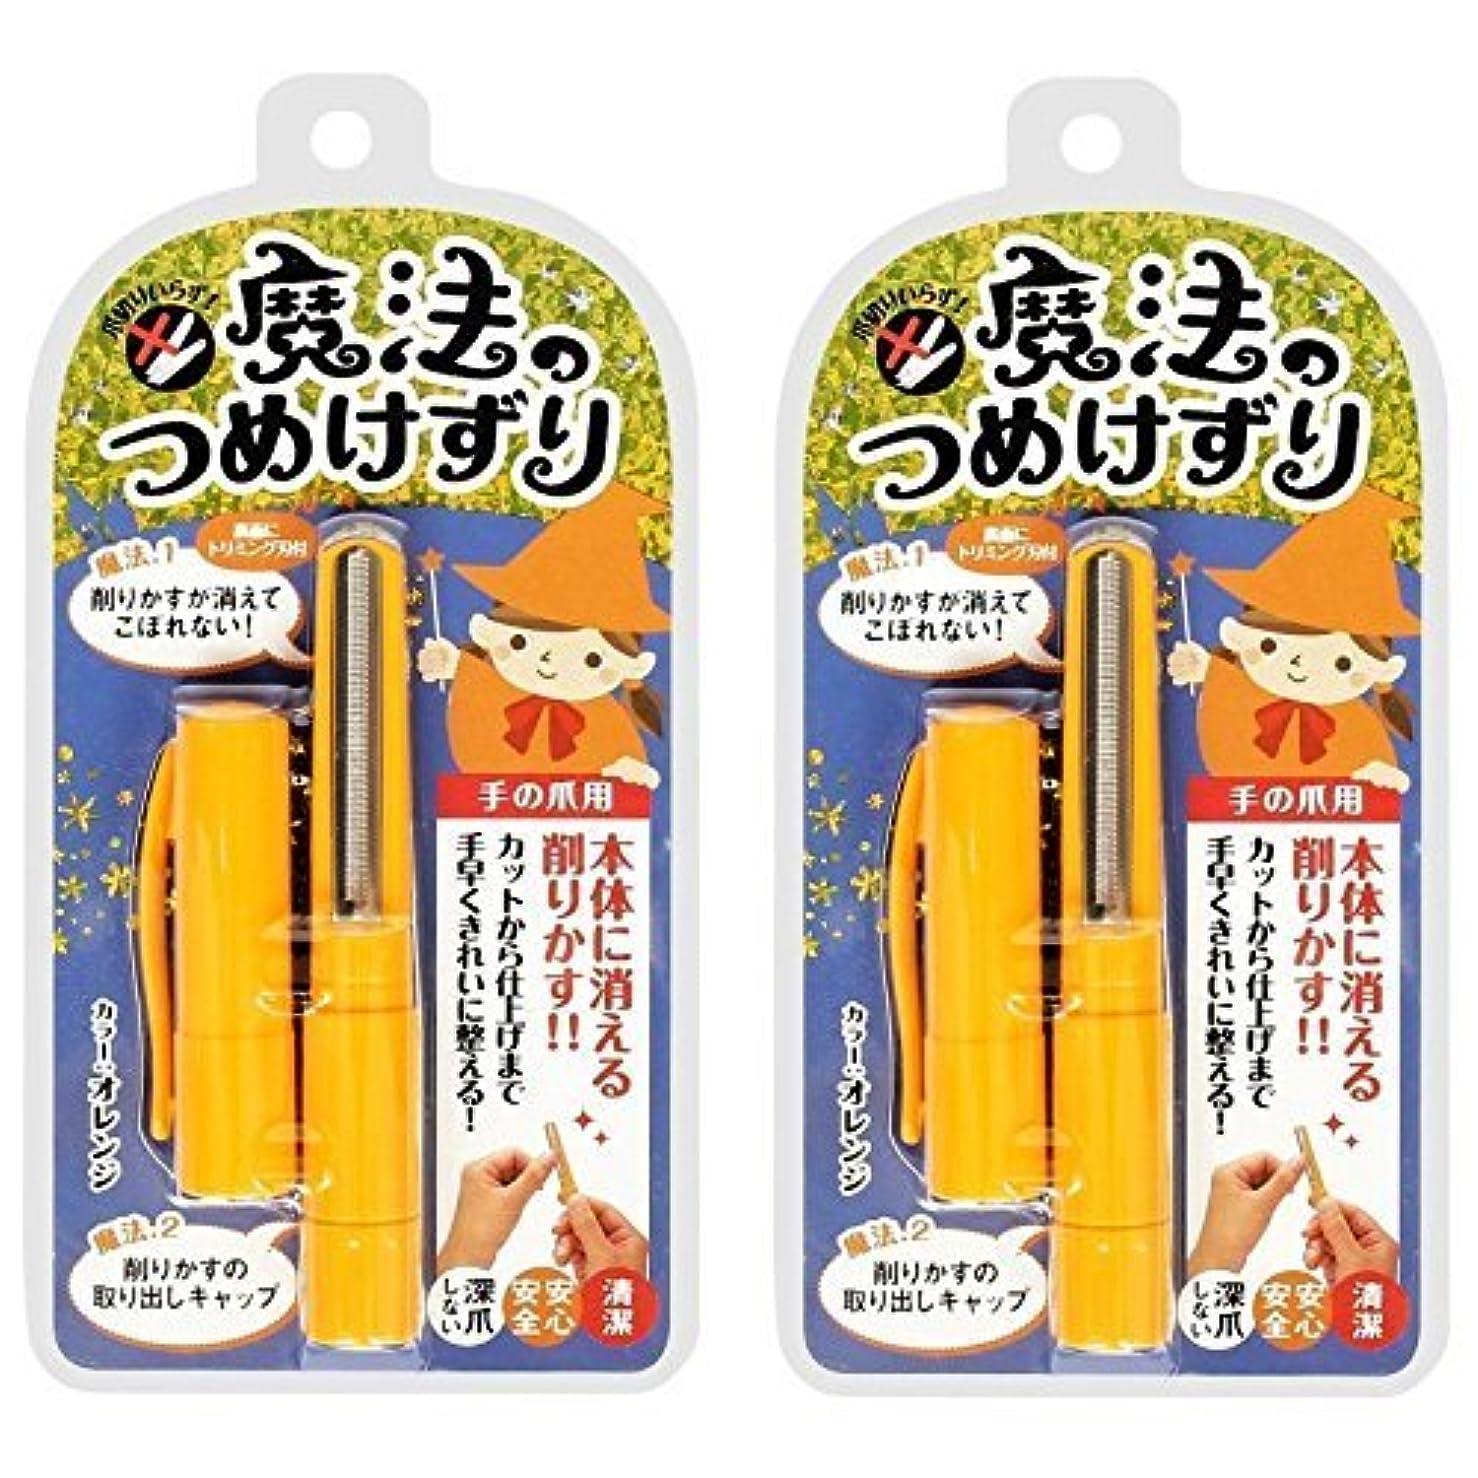 【セット品】松本金型 魔法のつめけずり MM-090 オレンジ (2個)